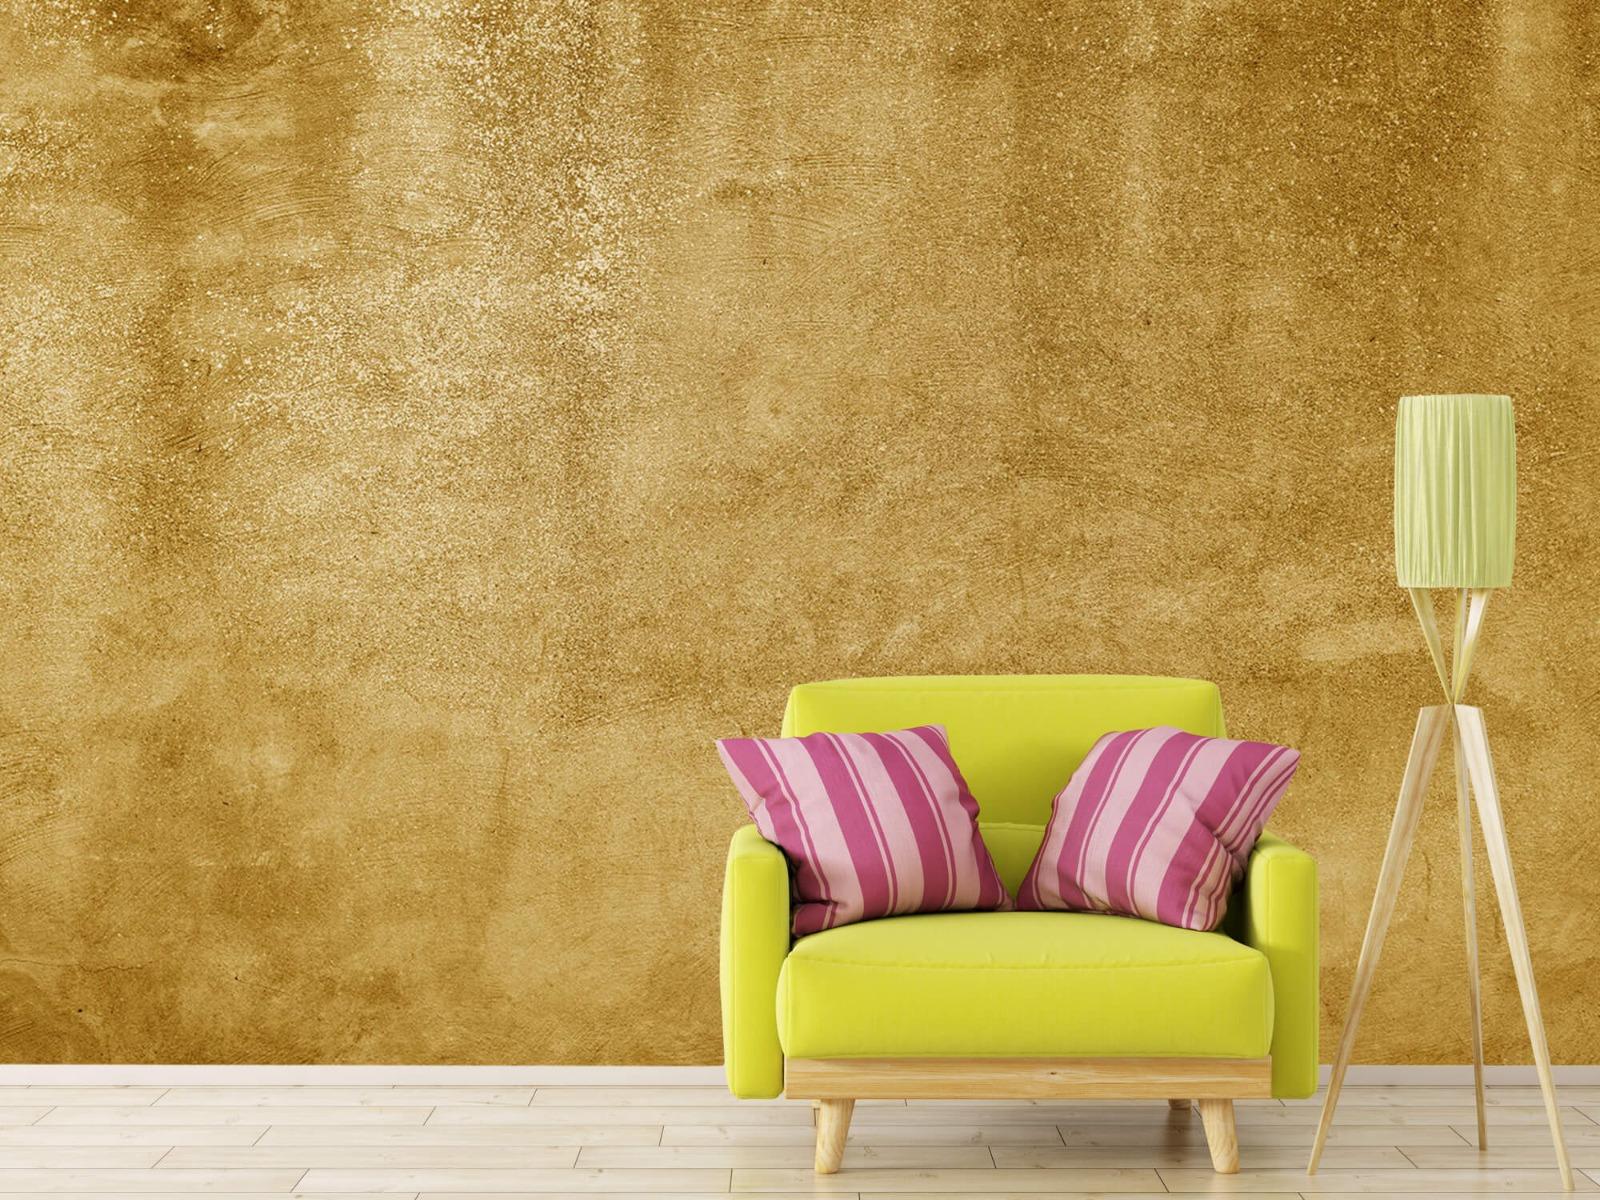 Betonoptik Tapete - Ockerhaltiger gelber Beton auf Fototapete - Wohnzimmer 17